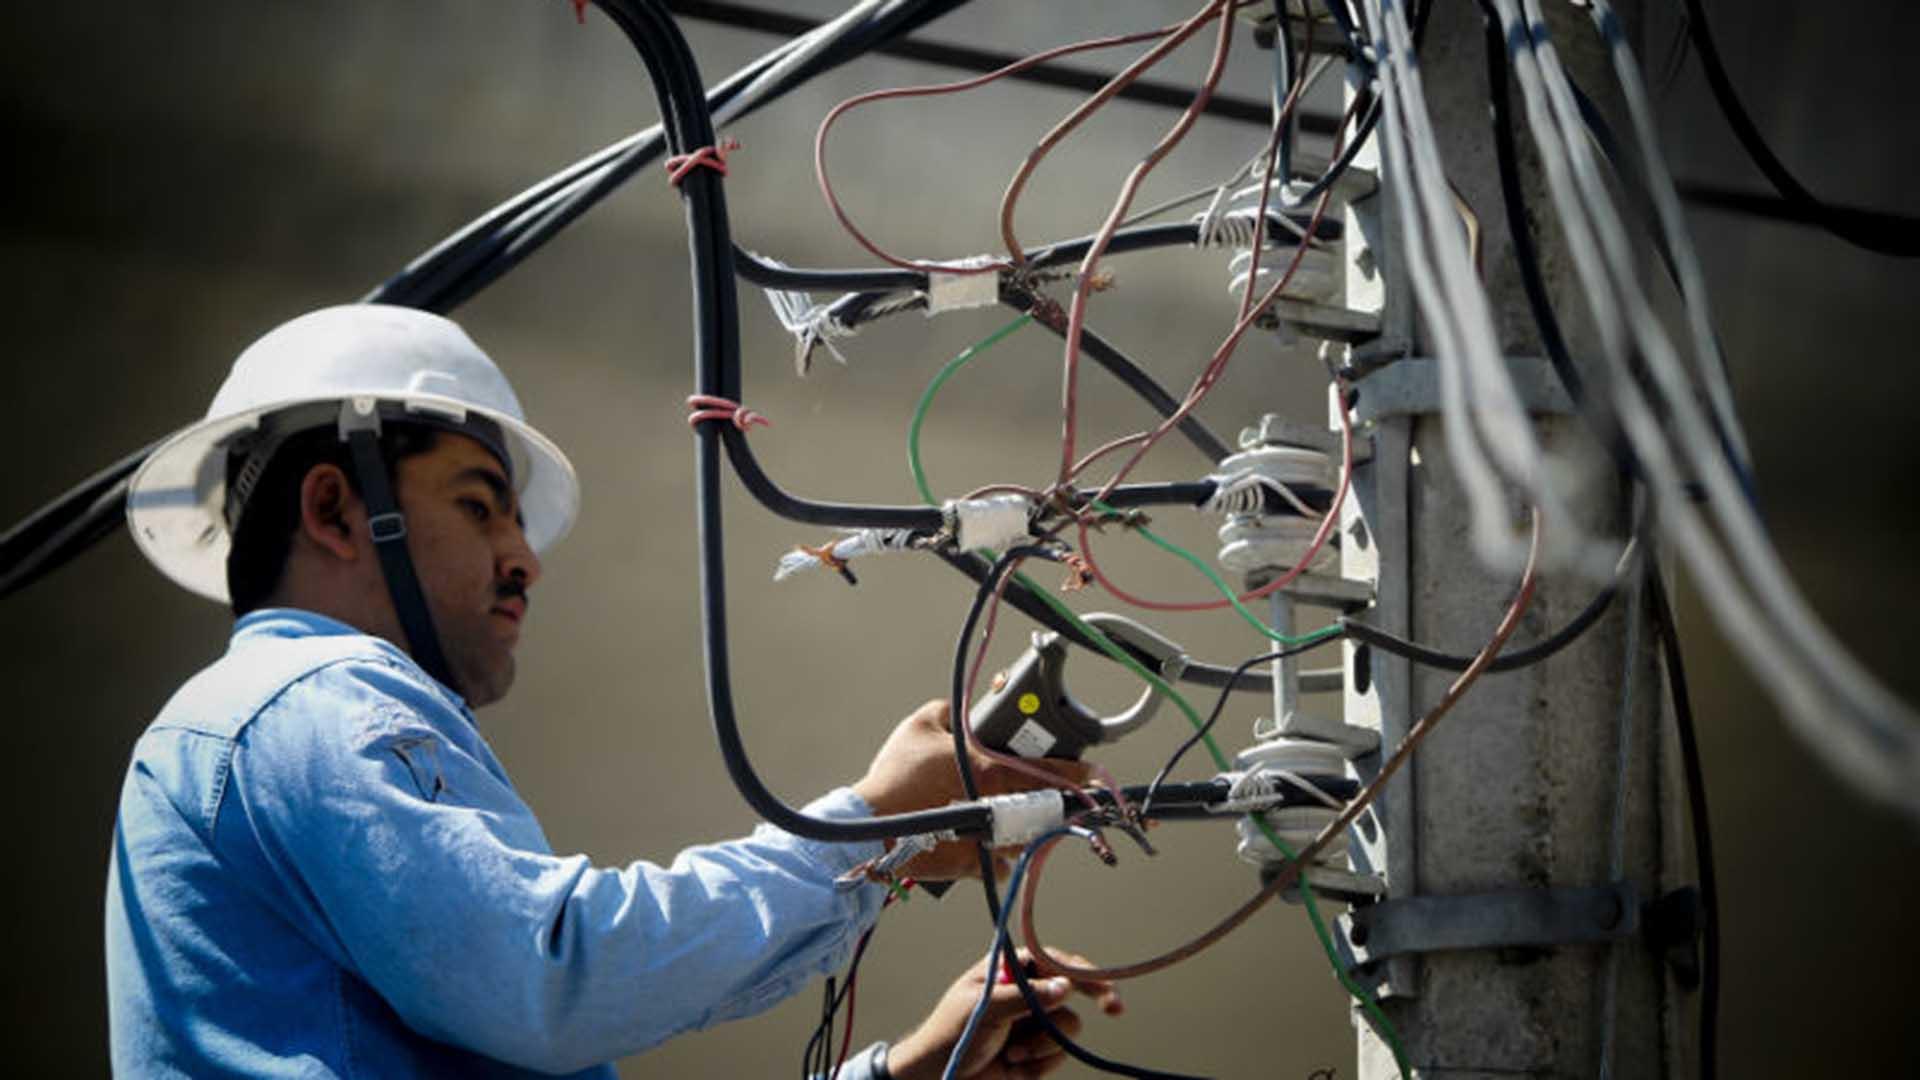 Aumentan las tarifas eléctricas de uso doméstico de alto consumo